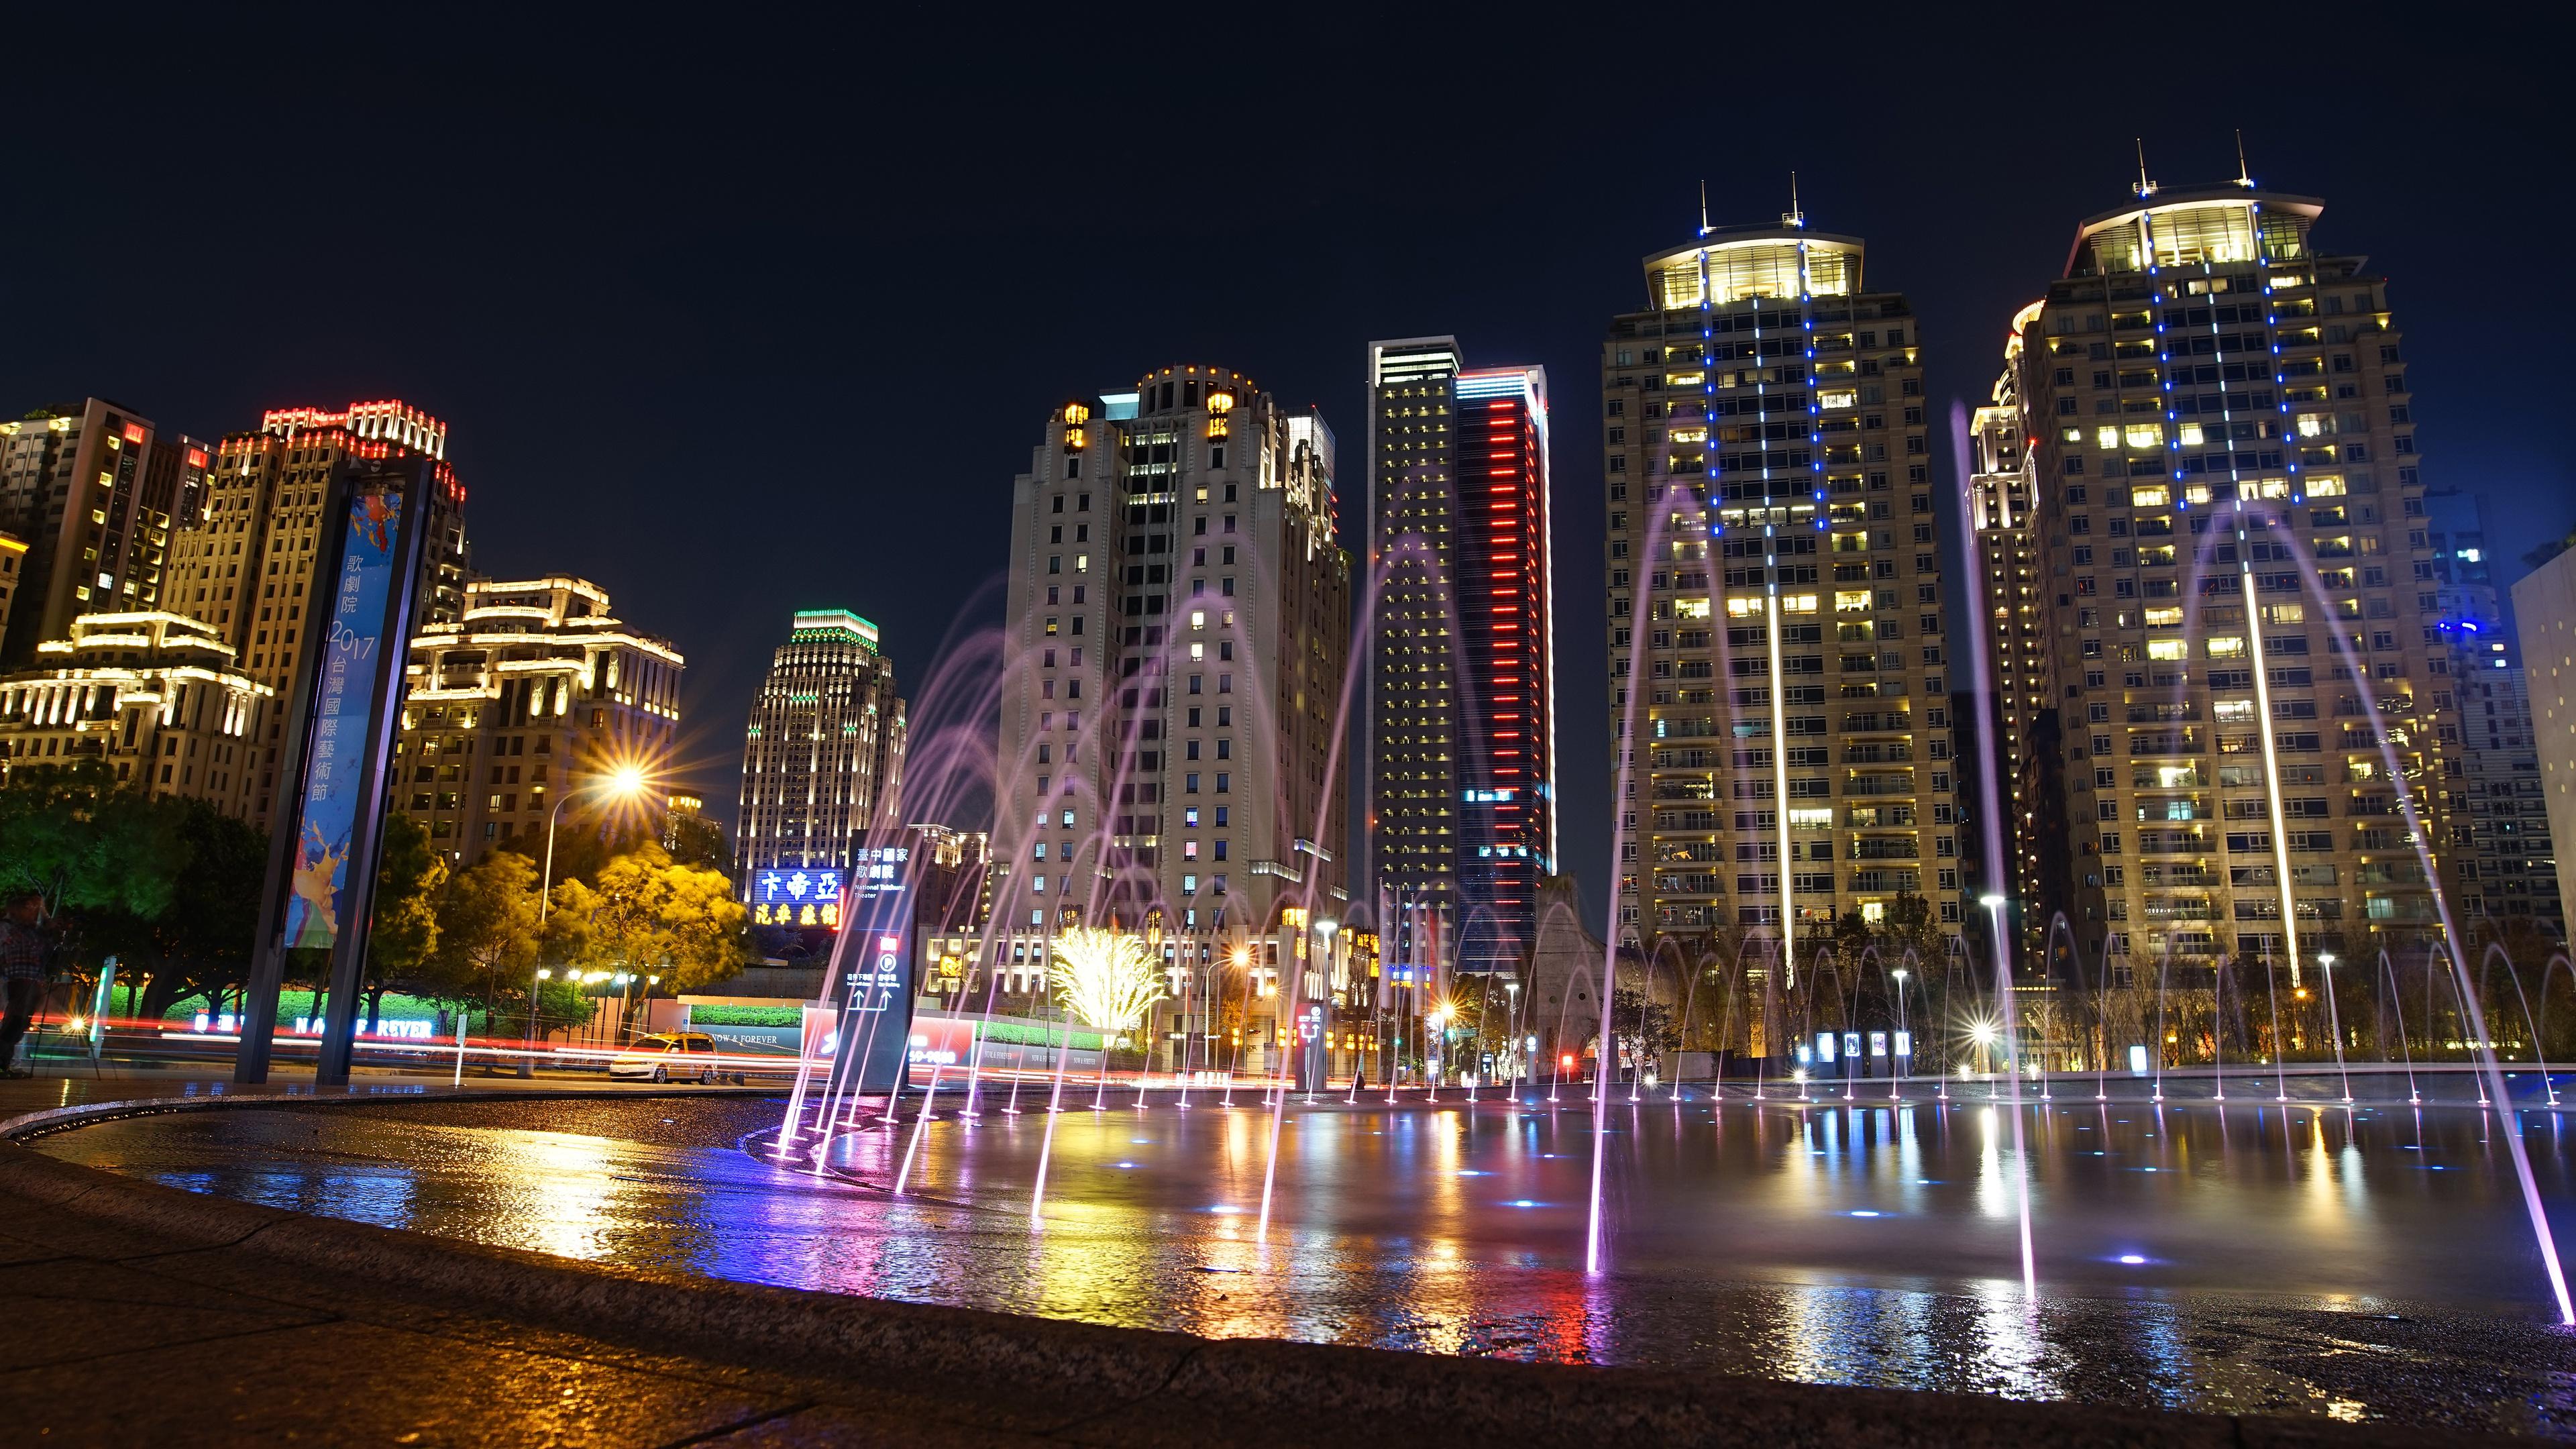 Картинка Тайбэй Китай Фонтаны Ночные Дома город Ночь ночью в ночи Города Здания